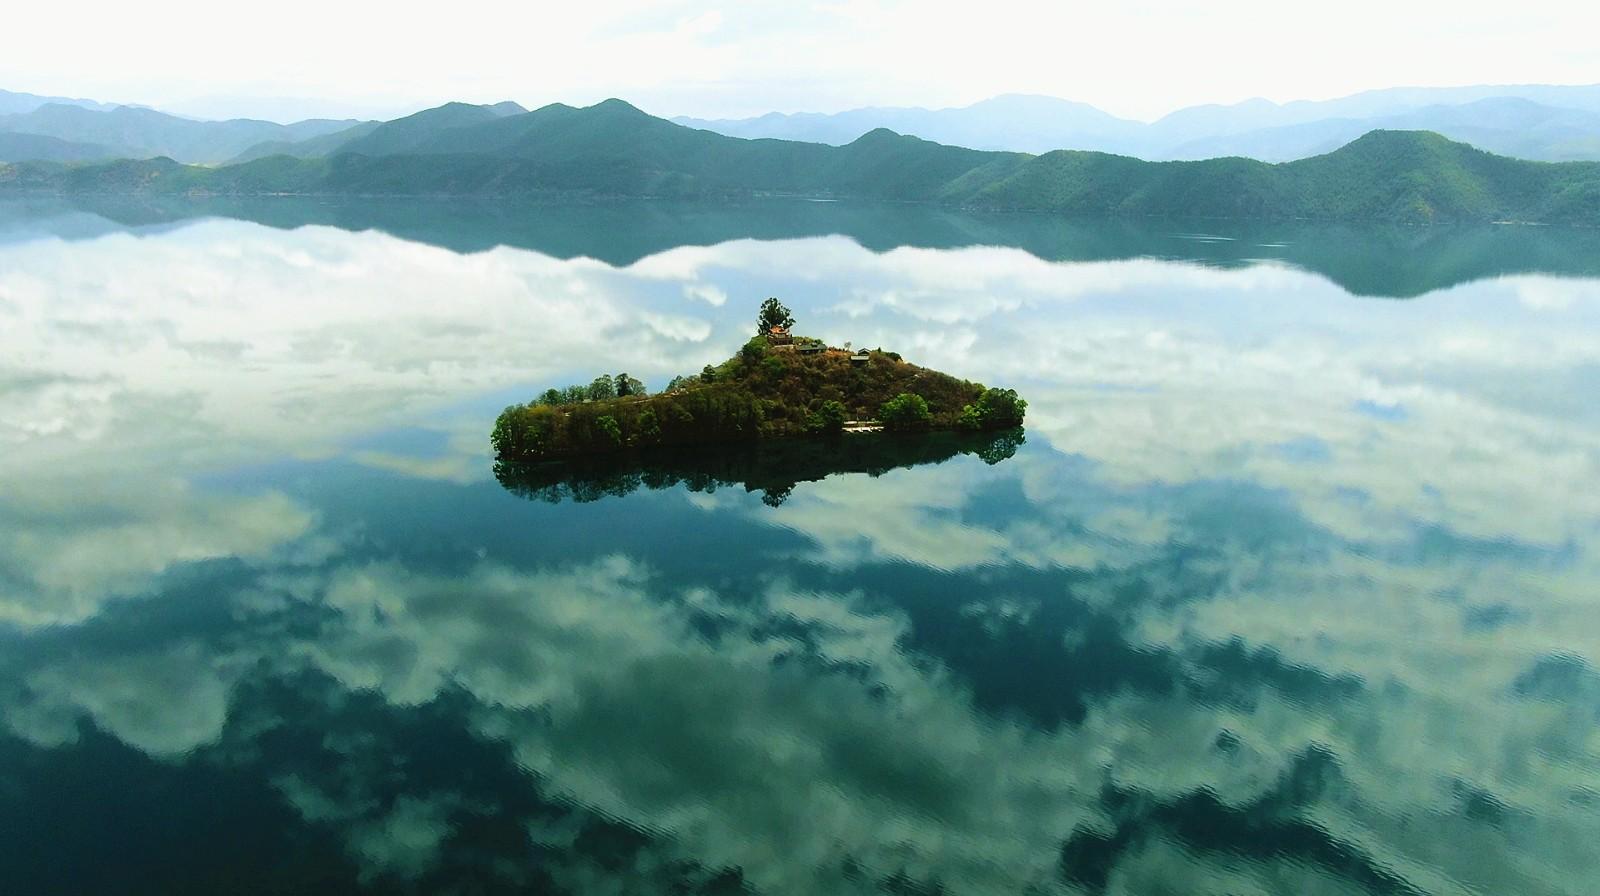 天堂的样子-创意航拍泸沽湖.jpg